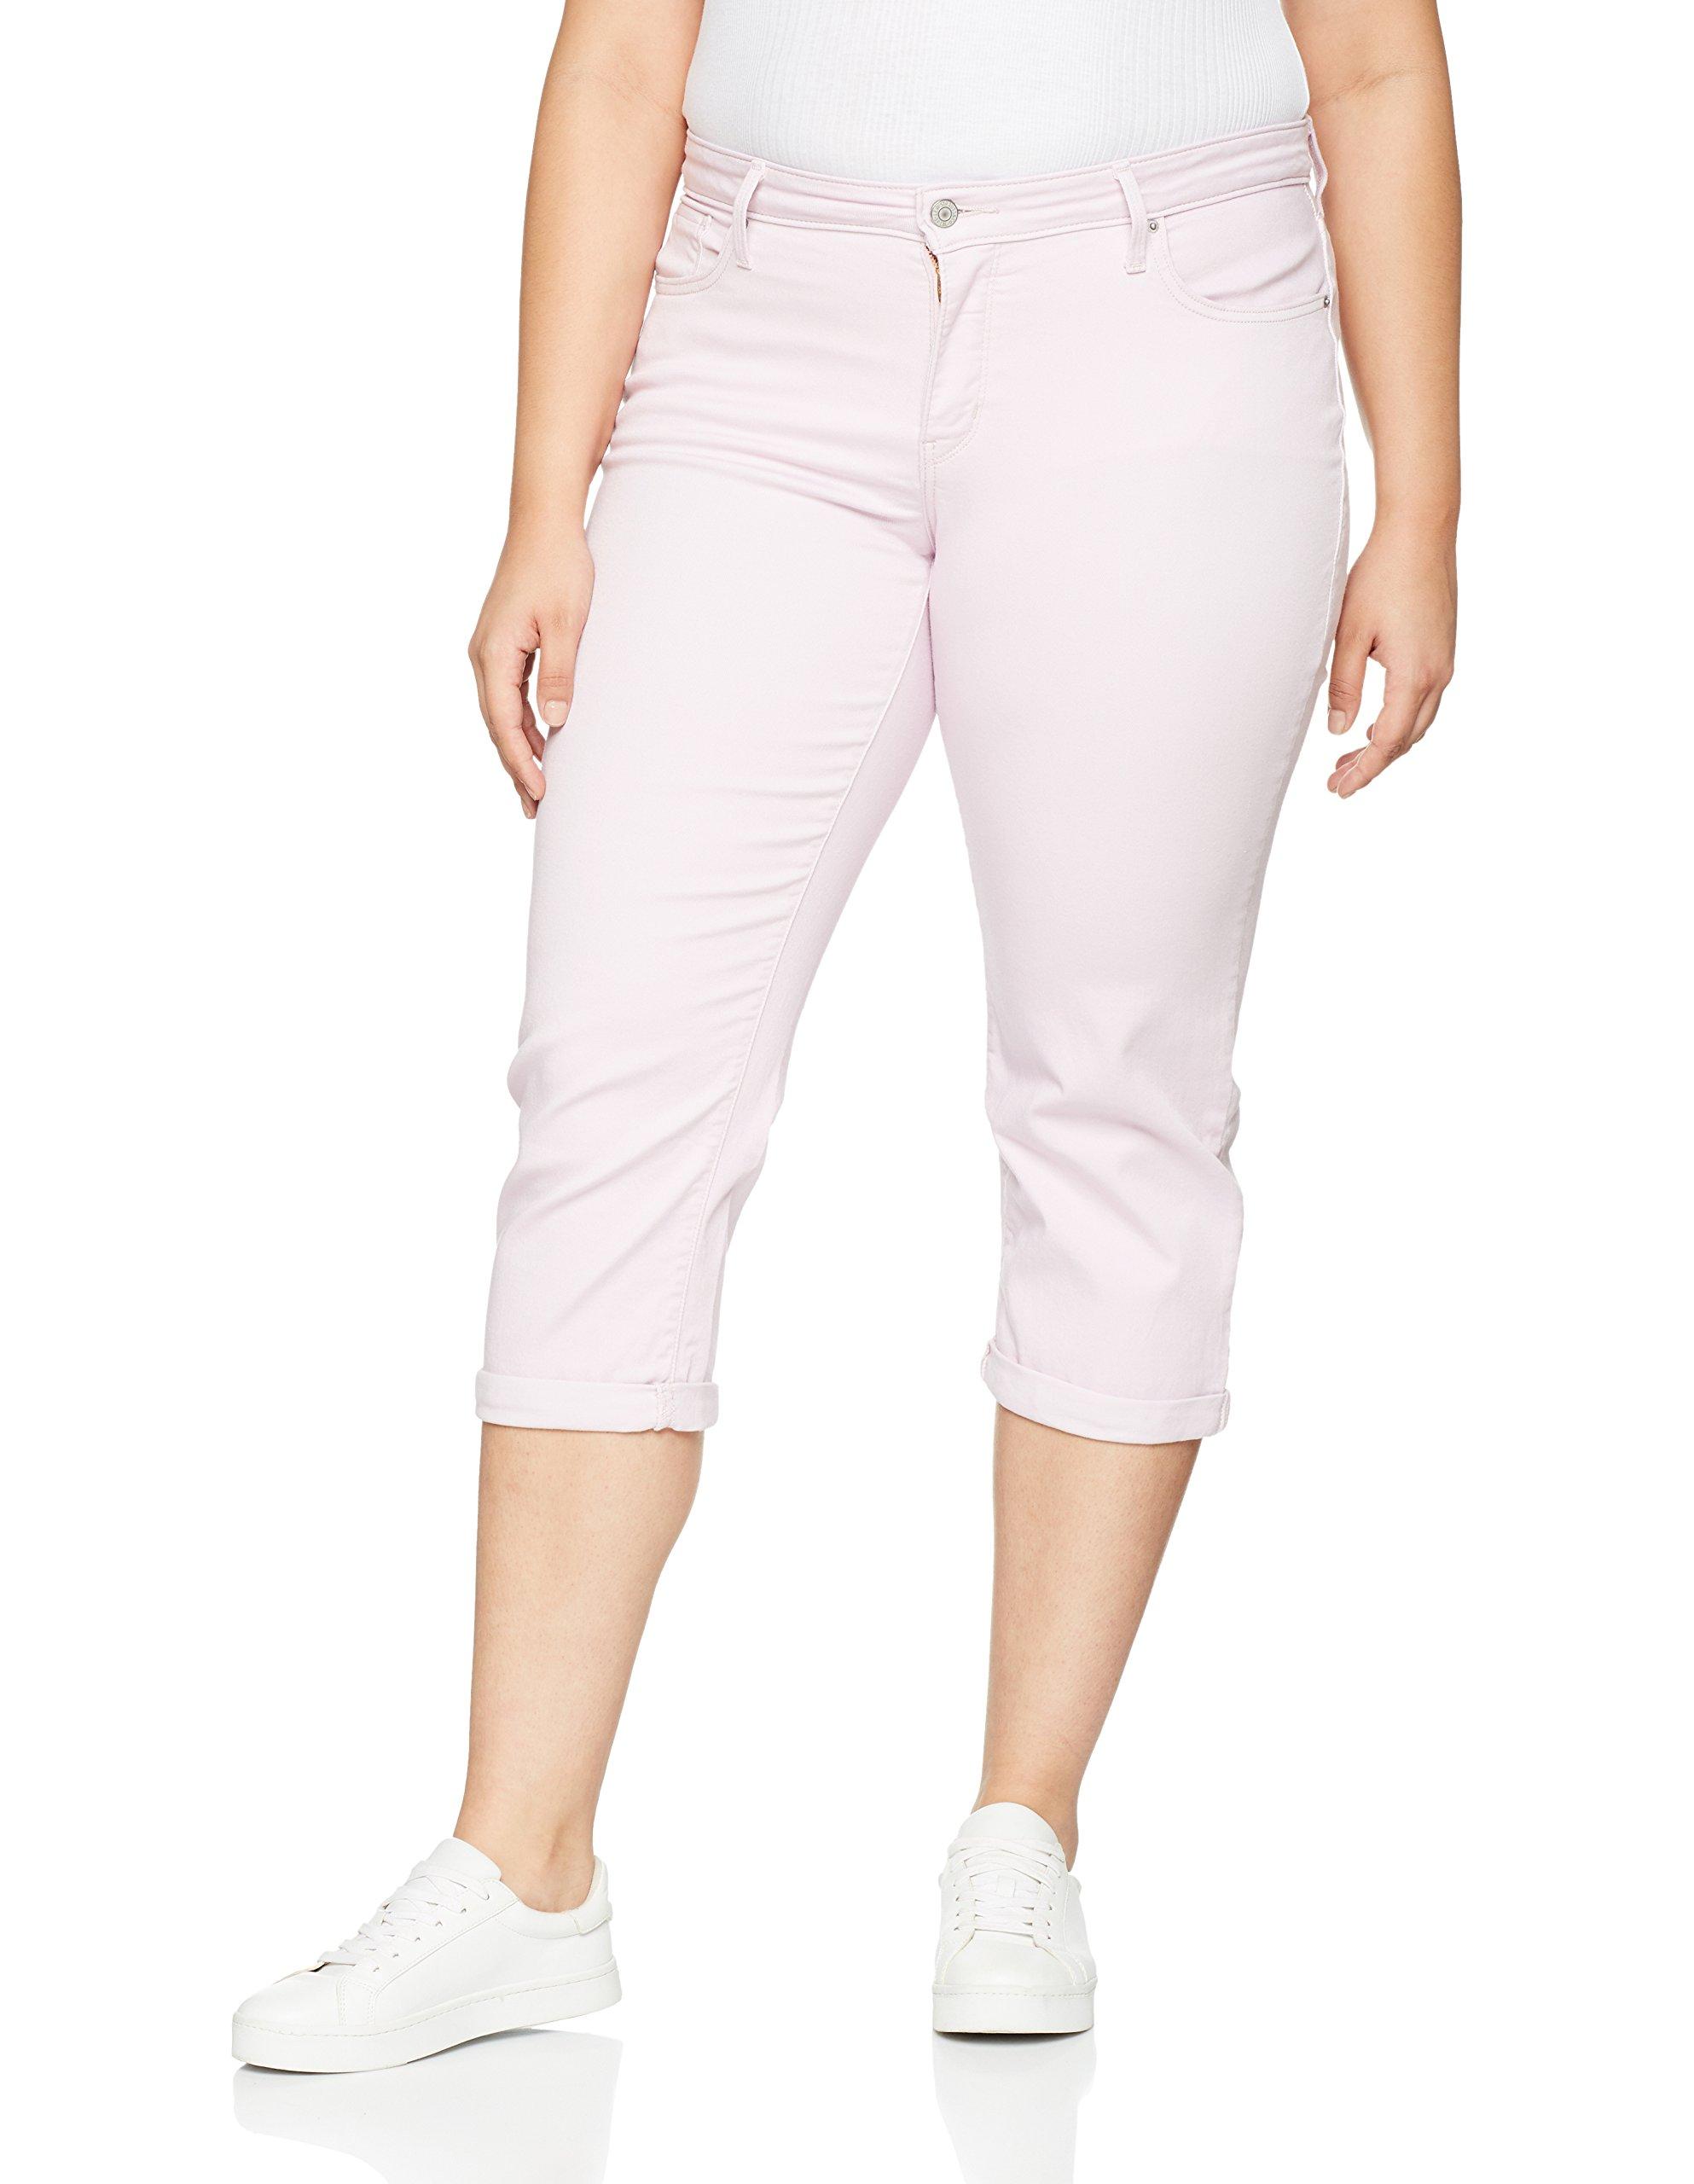 ShortRoselight Shaping Capri Plus 001620 Lilac Femme Twill Levi's Size Pl LARj534